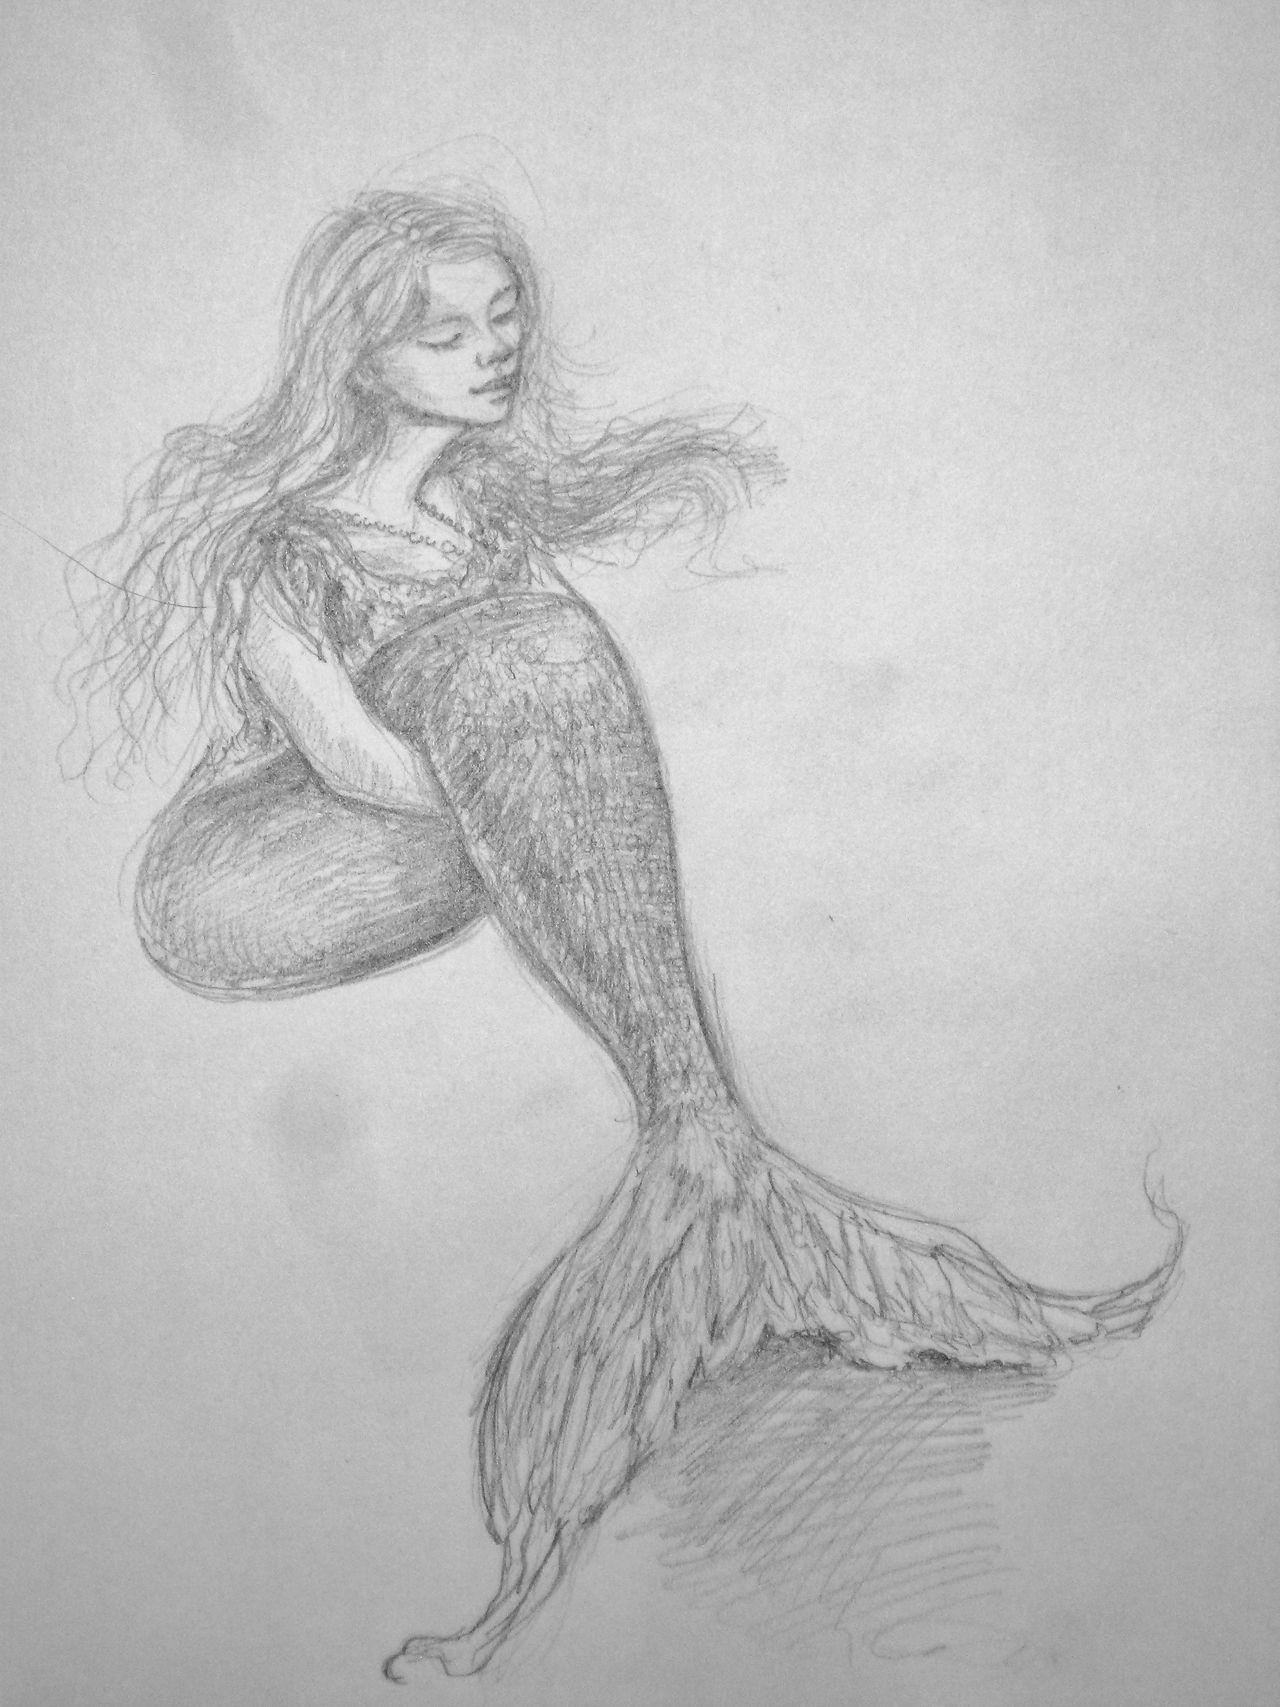 Mermaid by Kelsey Hamersley | Art, Drawings, Unique drawings